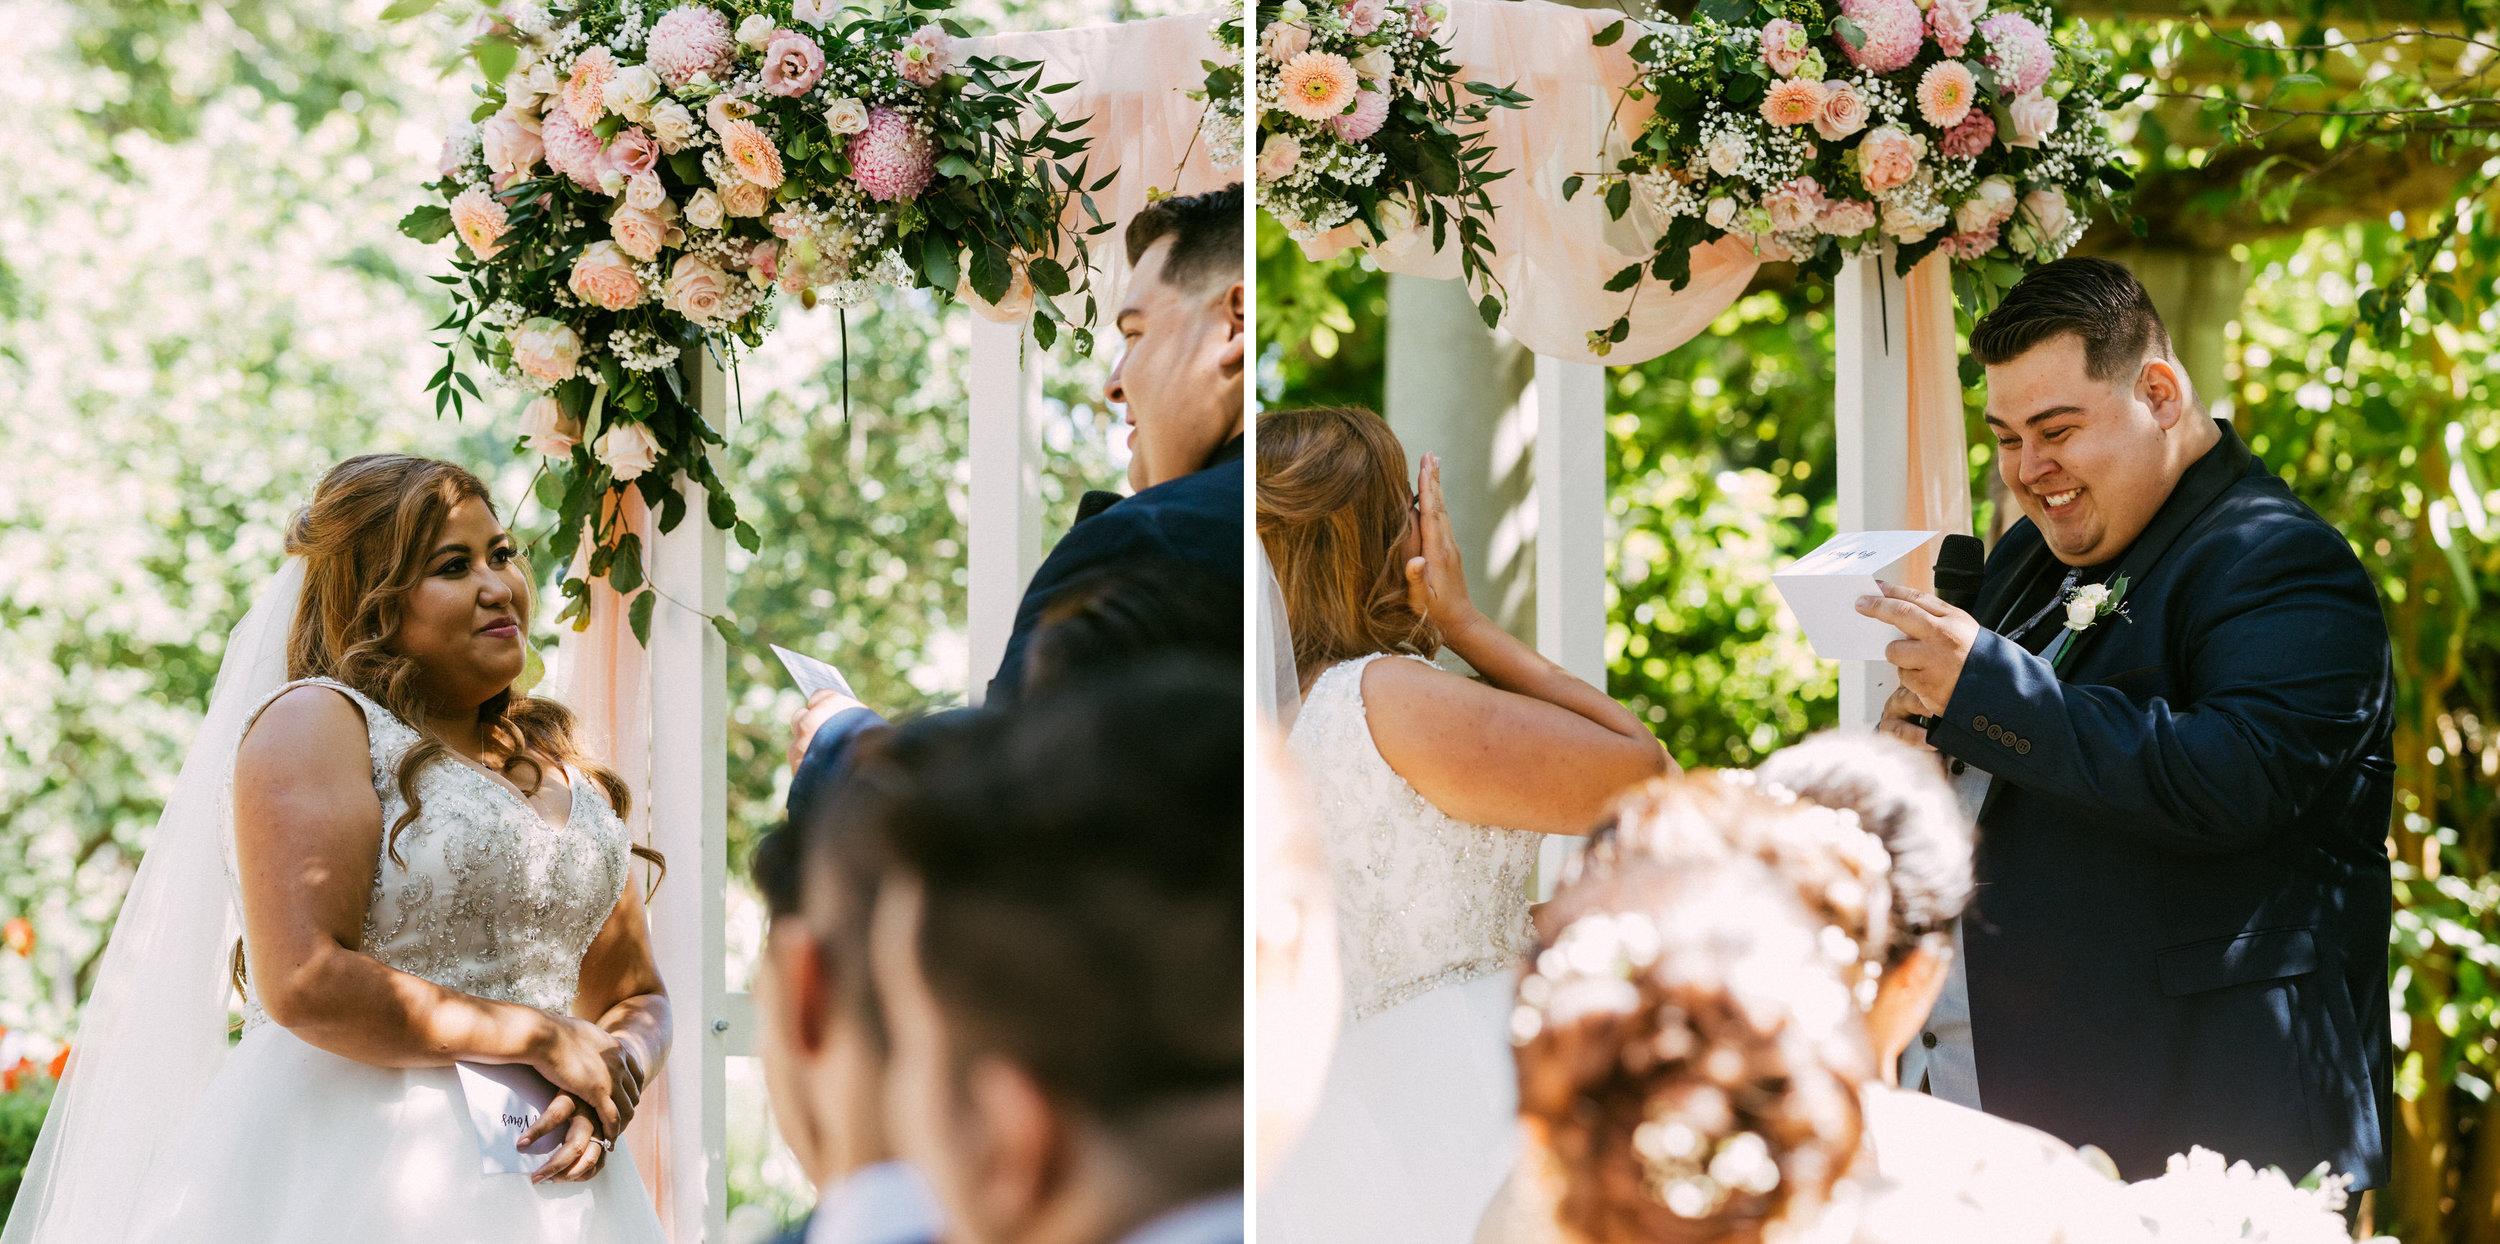 Al Ru Farm Summer Wedding 060.jpg